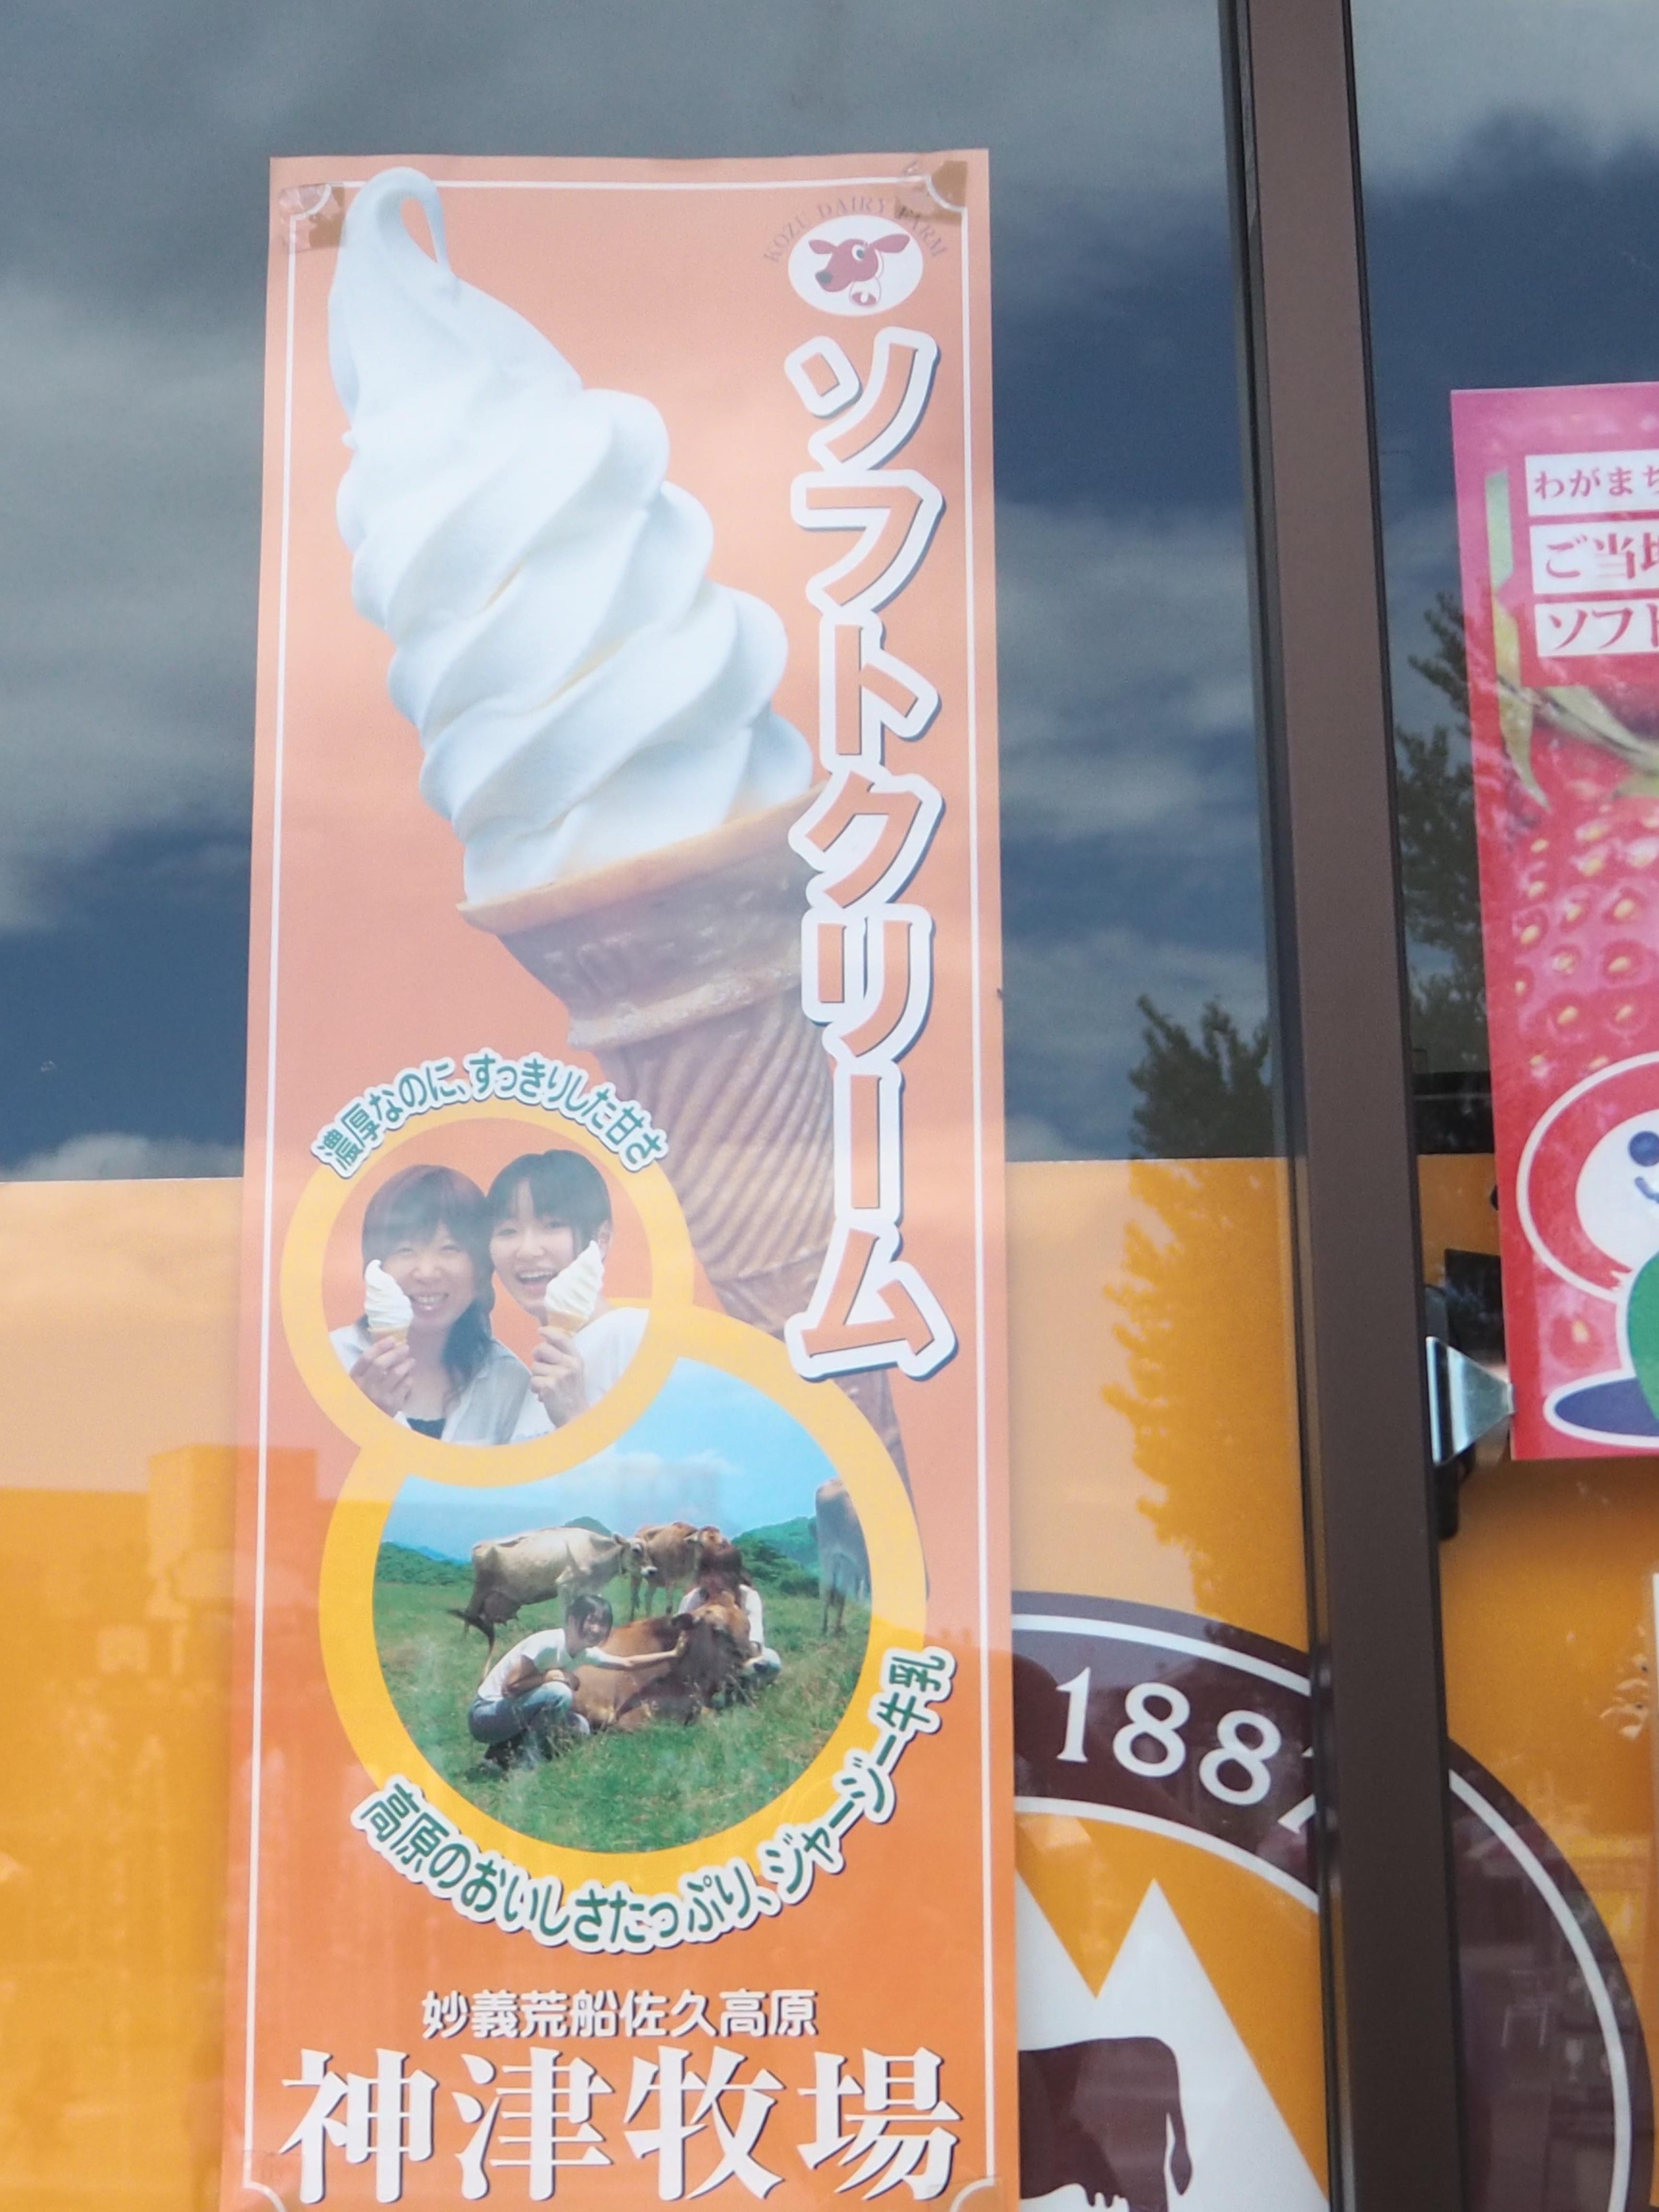 ソフトクリーム ポスター